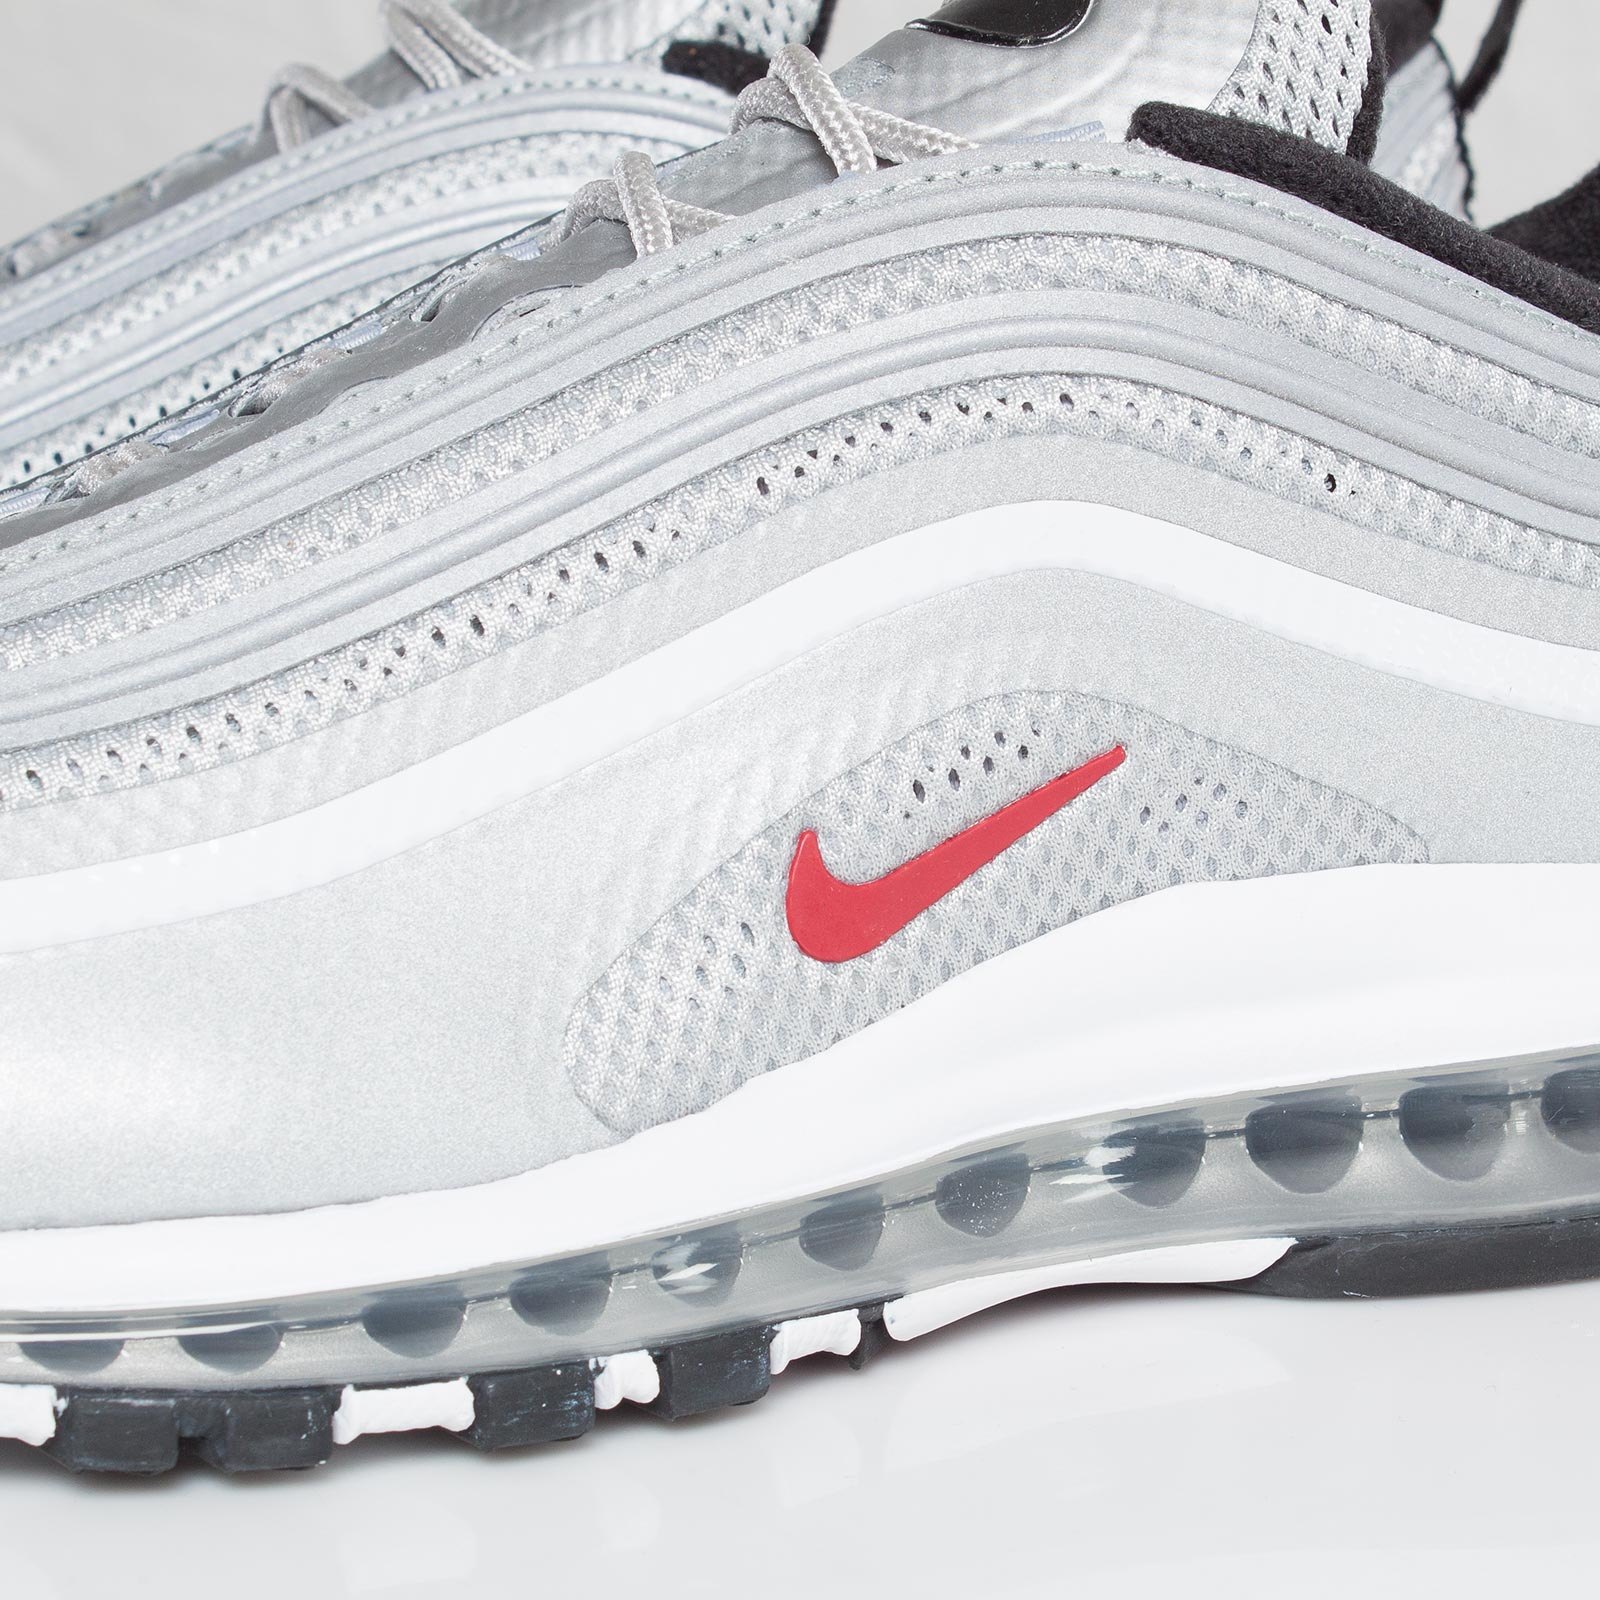 611cd90b14 Nike Air Max 97 Premium NRG - 542427-060 - Sneakersnstuff | sneakers &  streetwear online since 1999